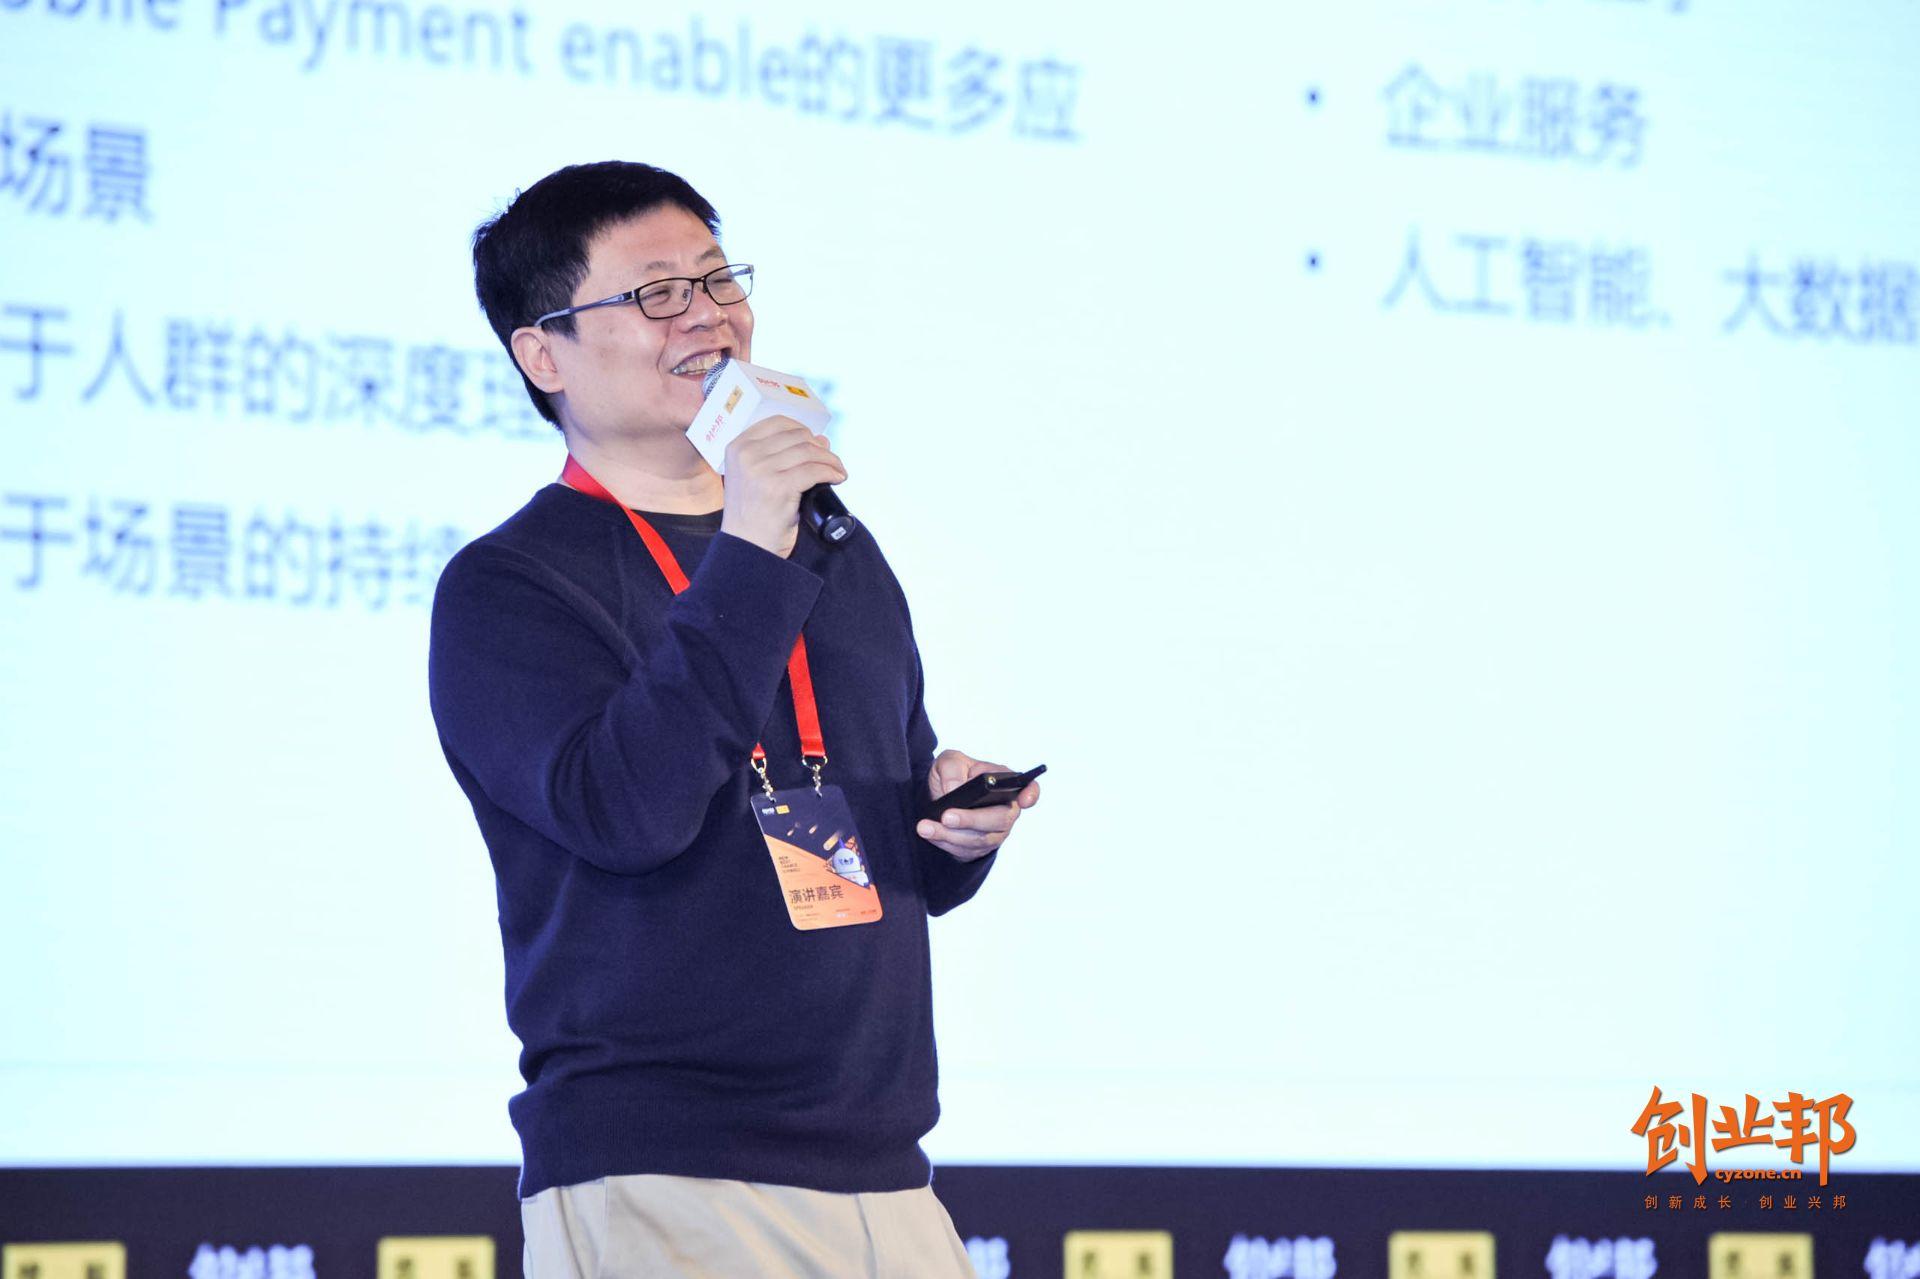 DCM林欣禾:团购、直播、单车,创业风口关闭的速度越来越快,但这四个行业还有机会!